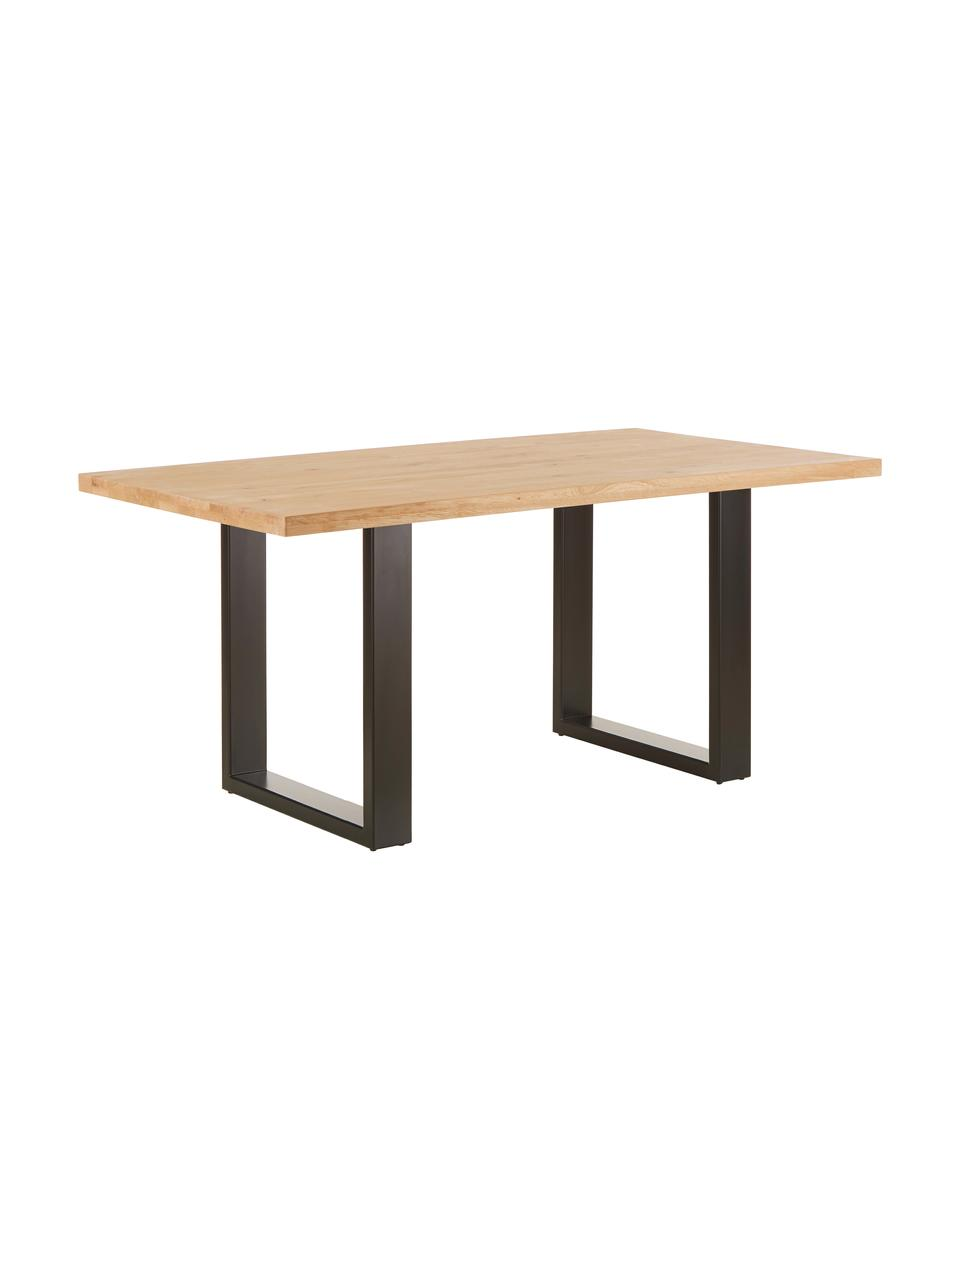 Stół do jadalni  z  blatem z litego drewna Oliver, Blat: dzikie lite drewno dębowe, Nogi: stal lakierowana matowo, drewno dębowe, S 160 x G 90 cm